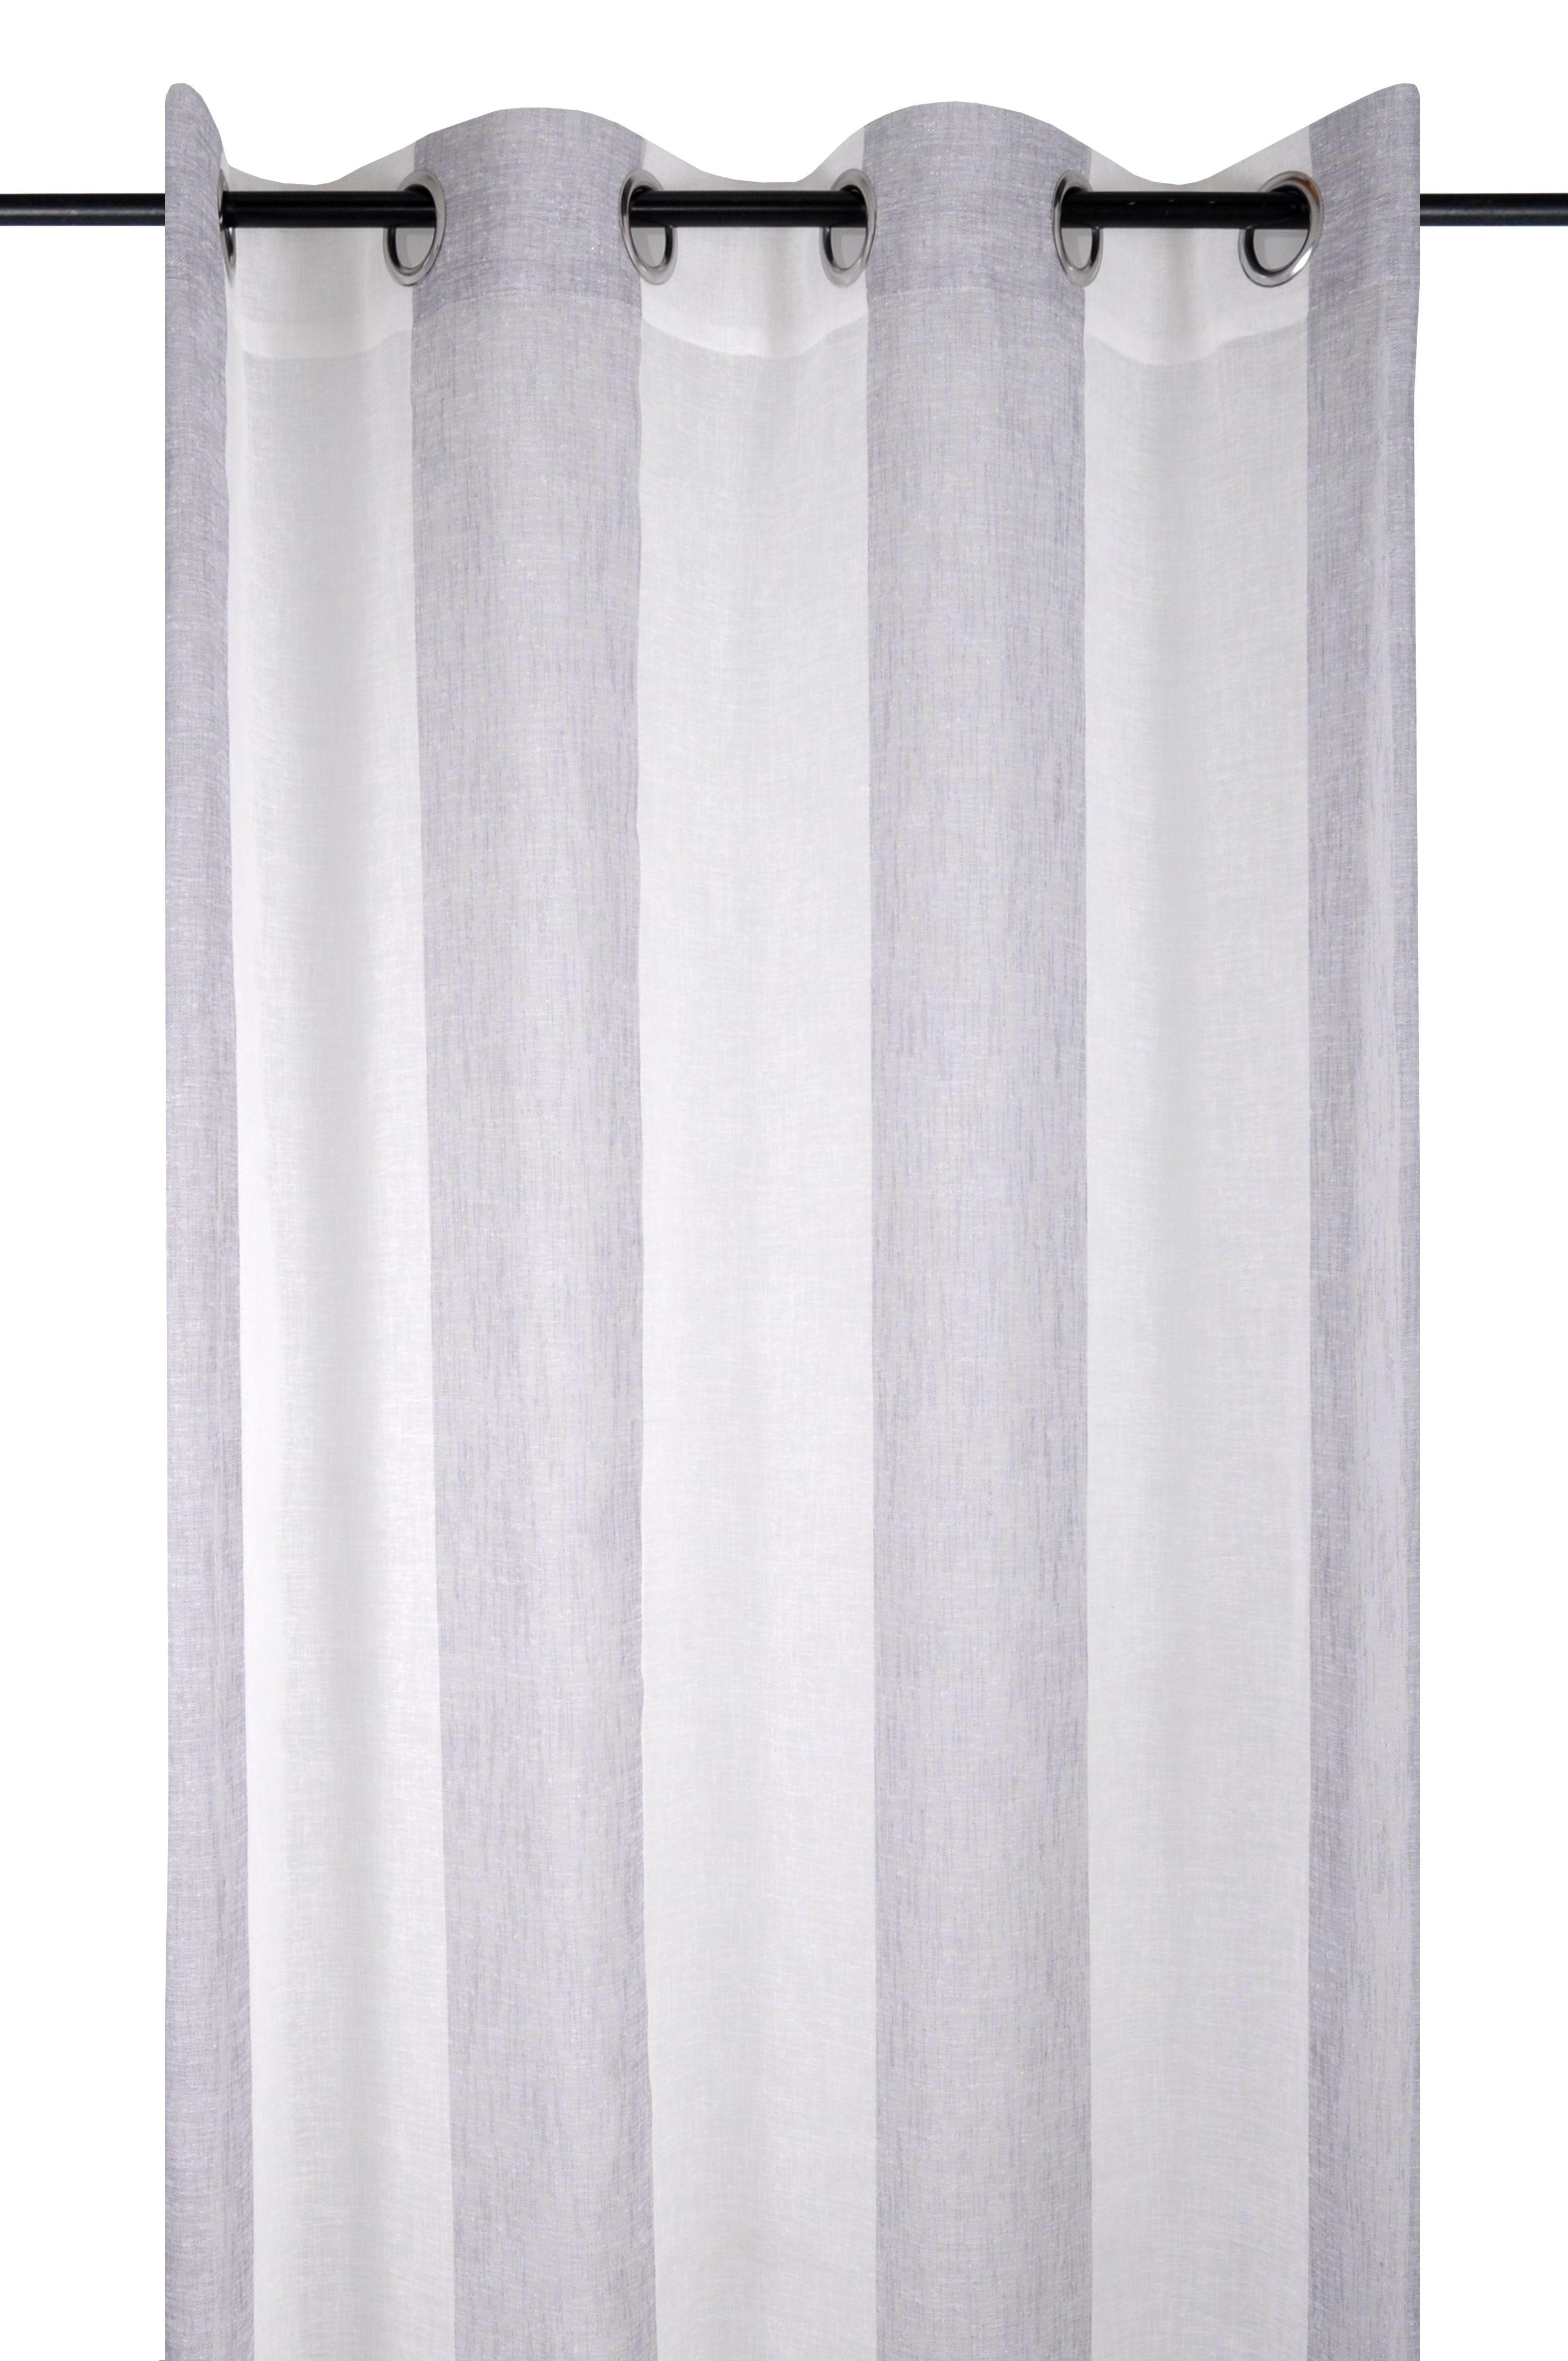 rideau voilage a bandes blanc et gris